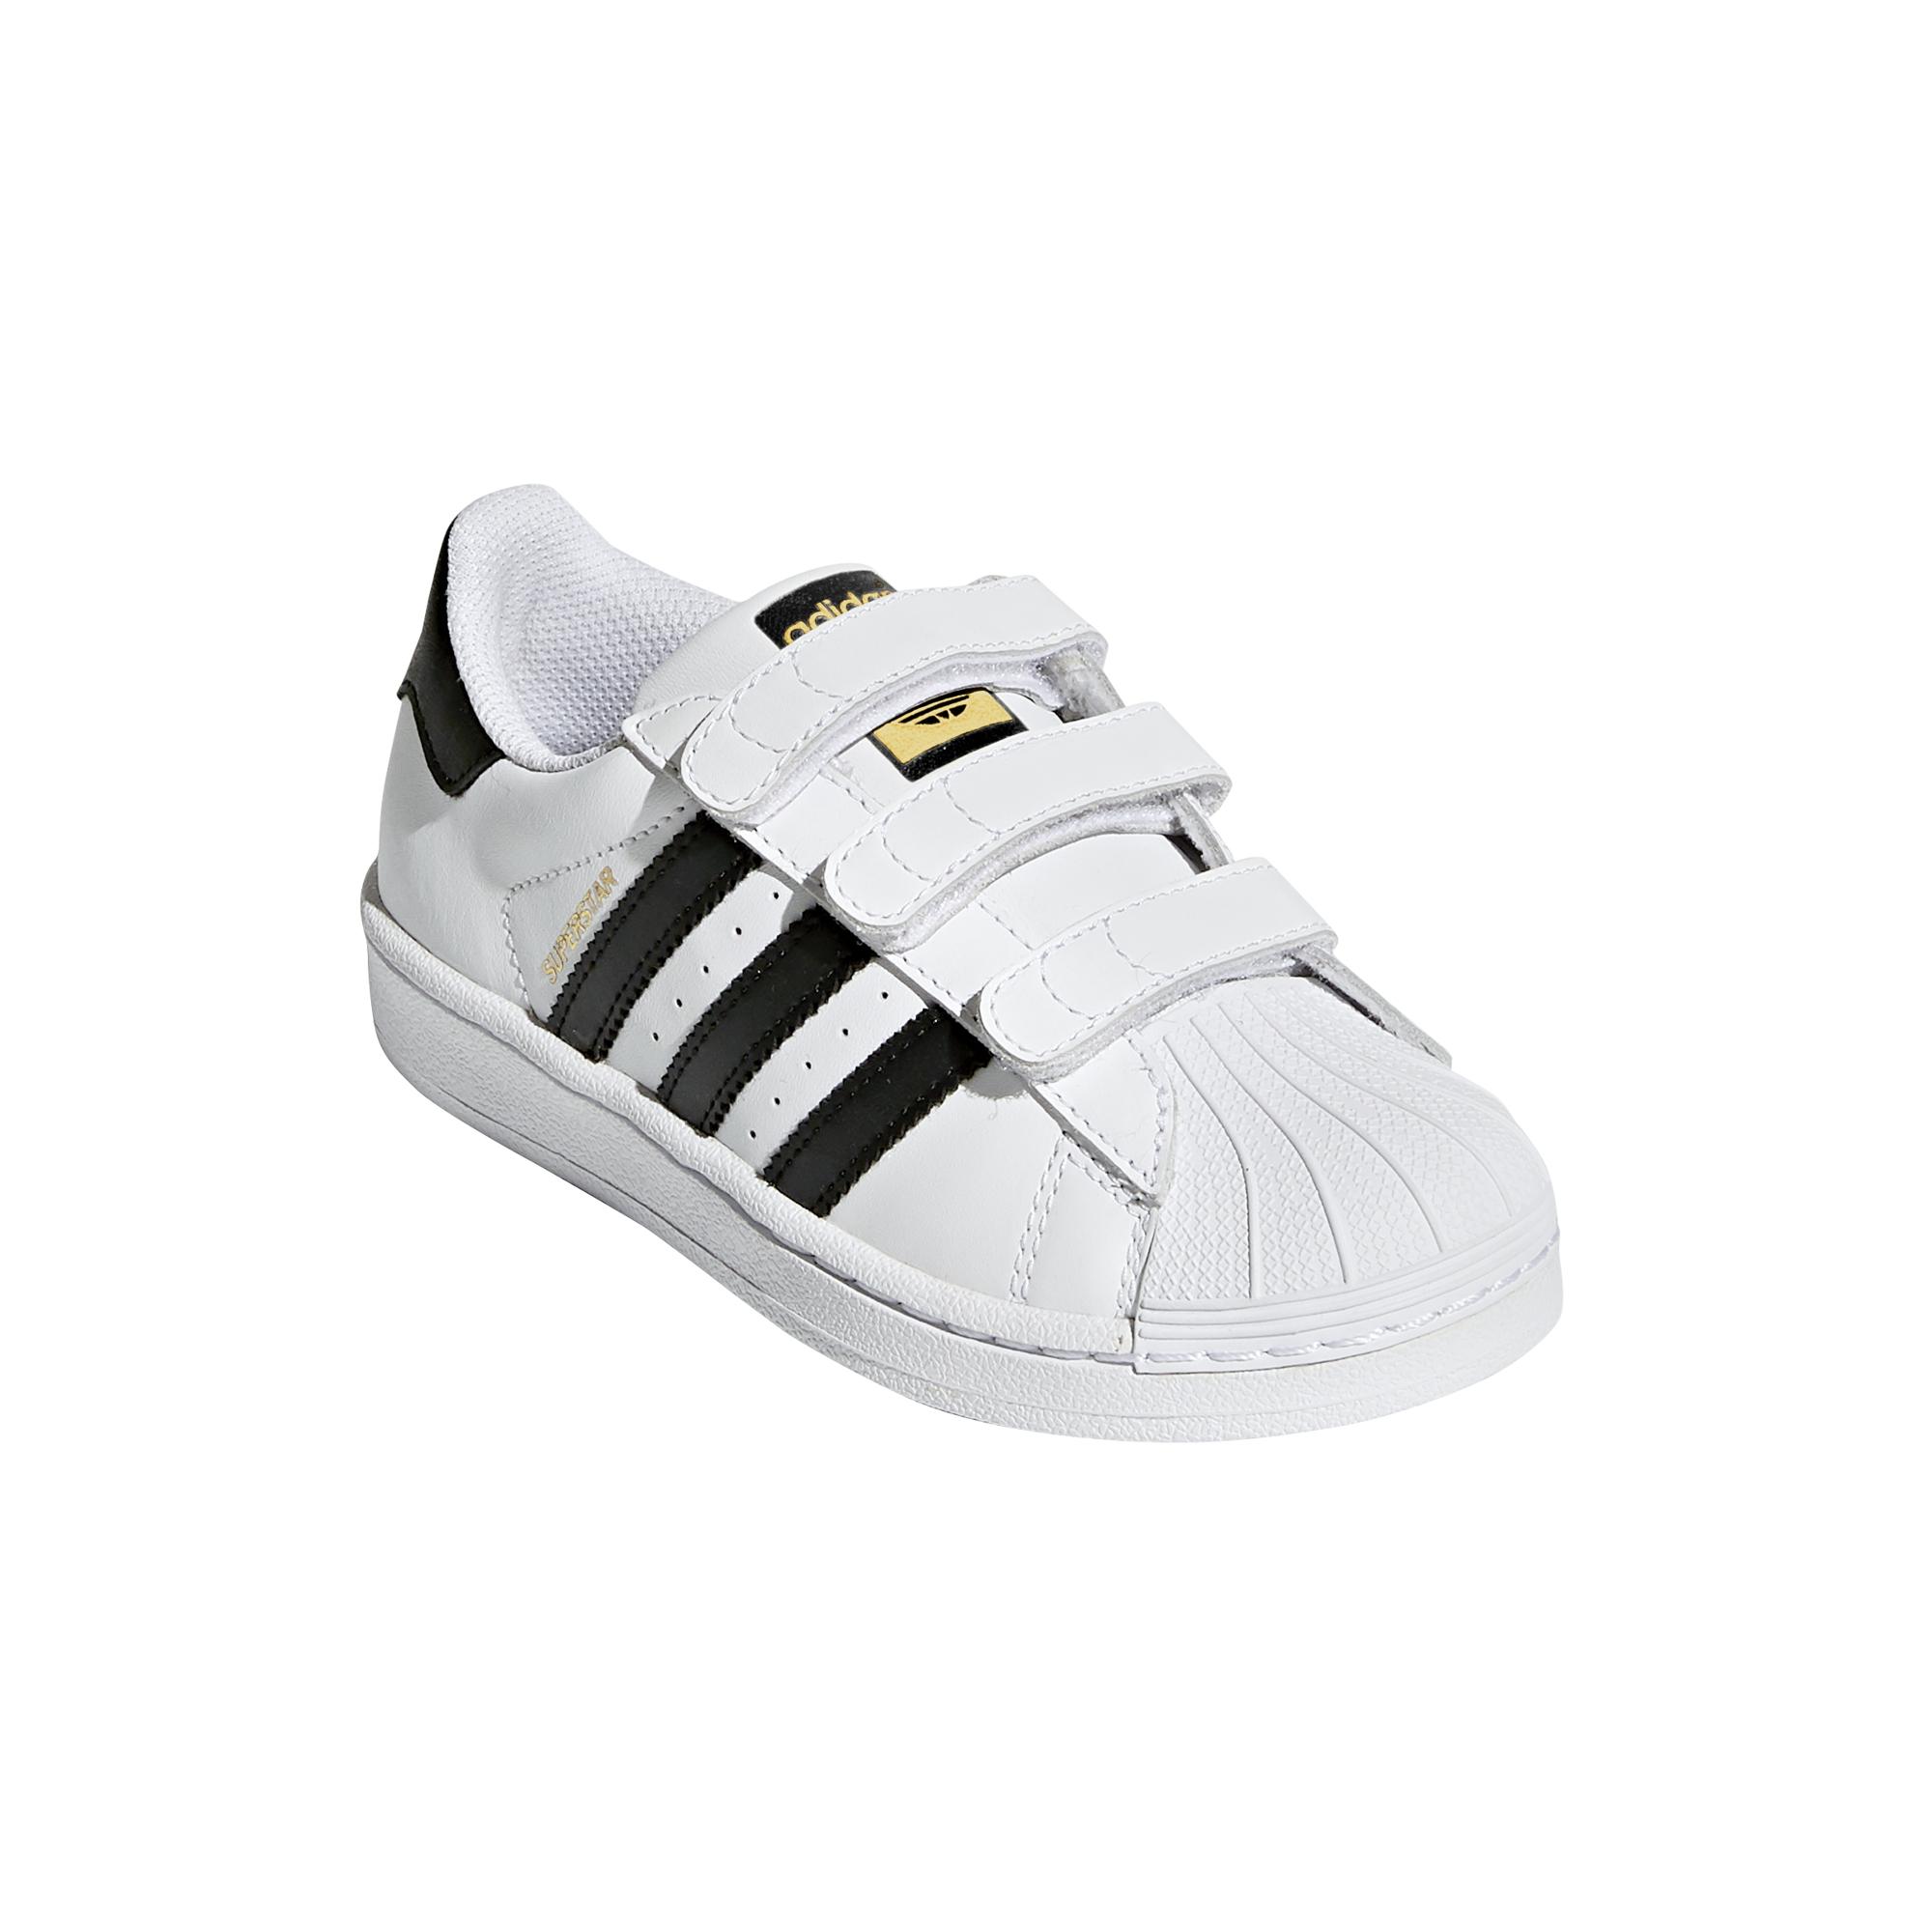 Chaussures kid adidas Superstar Foundation